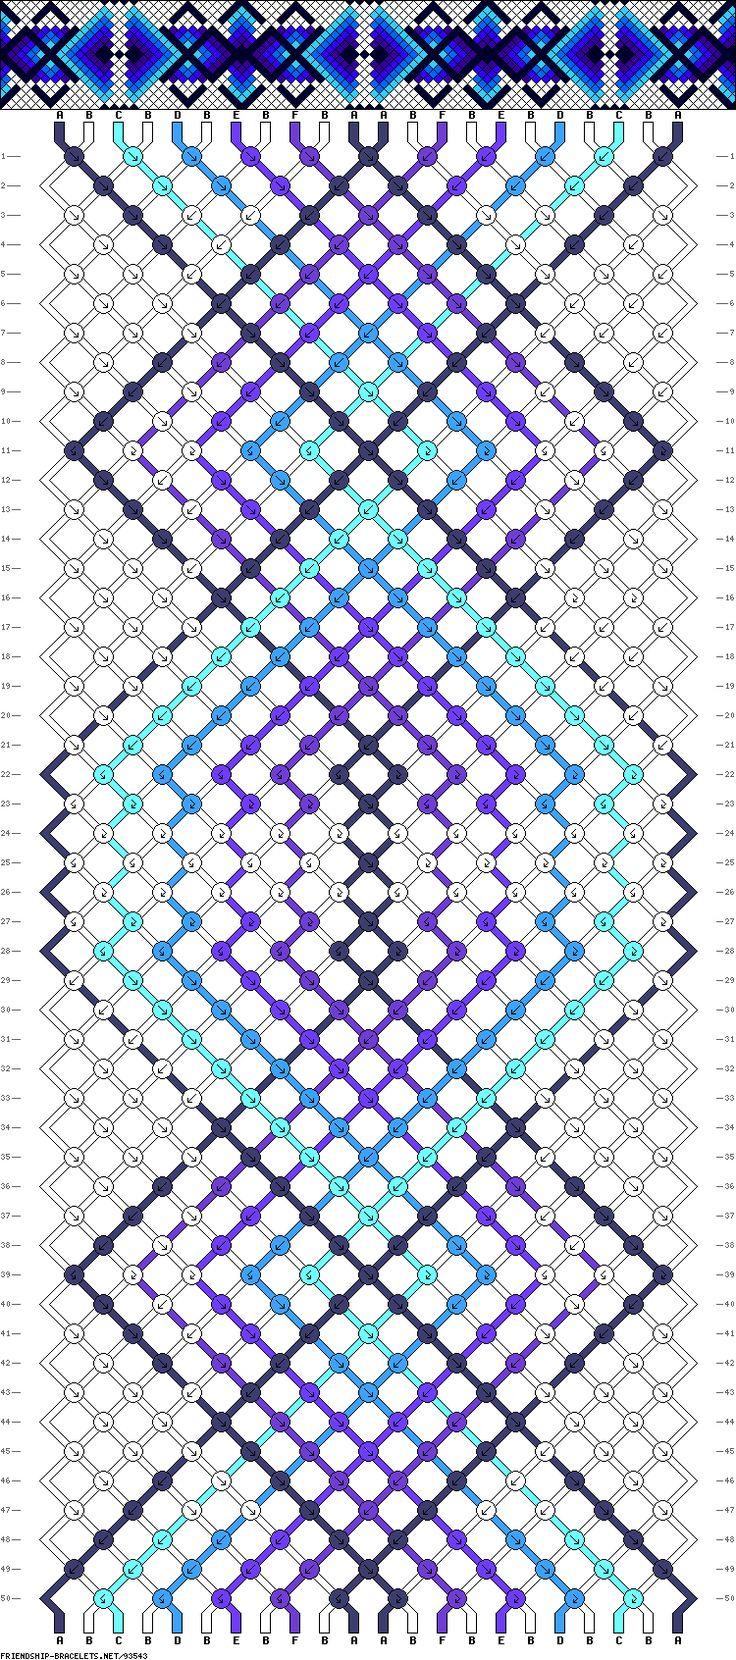 Muster # 93543, Streicher: 22 Zeilen: 50 Farben: 6